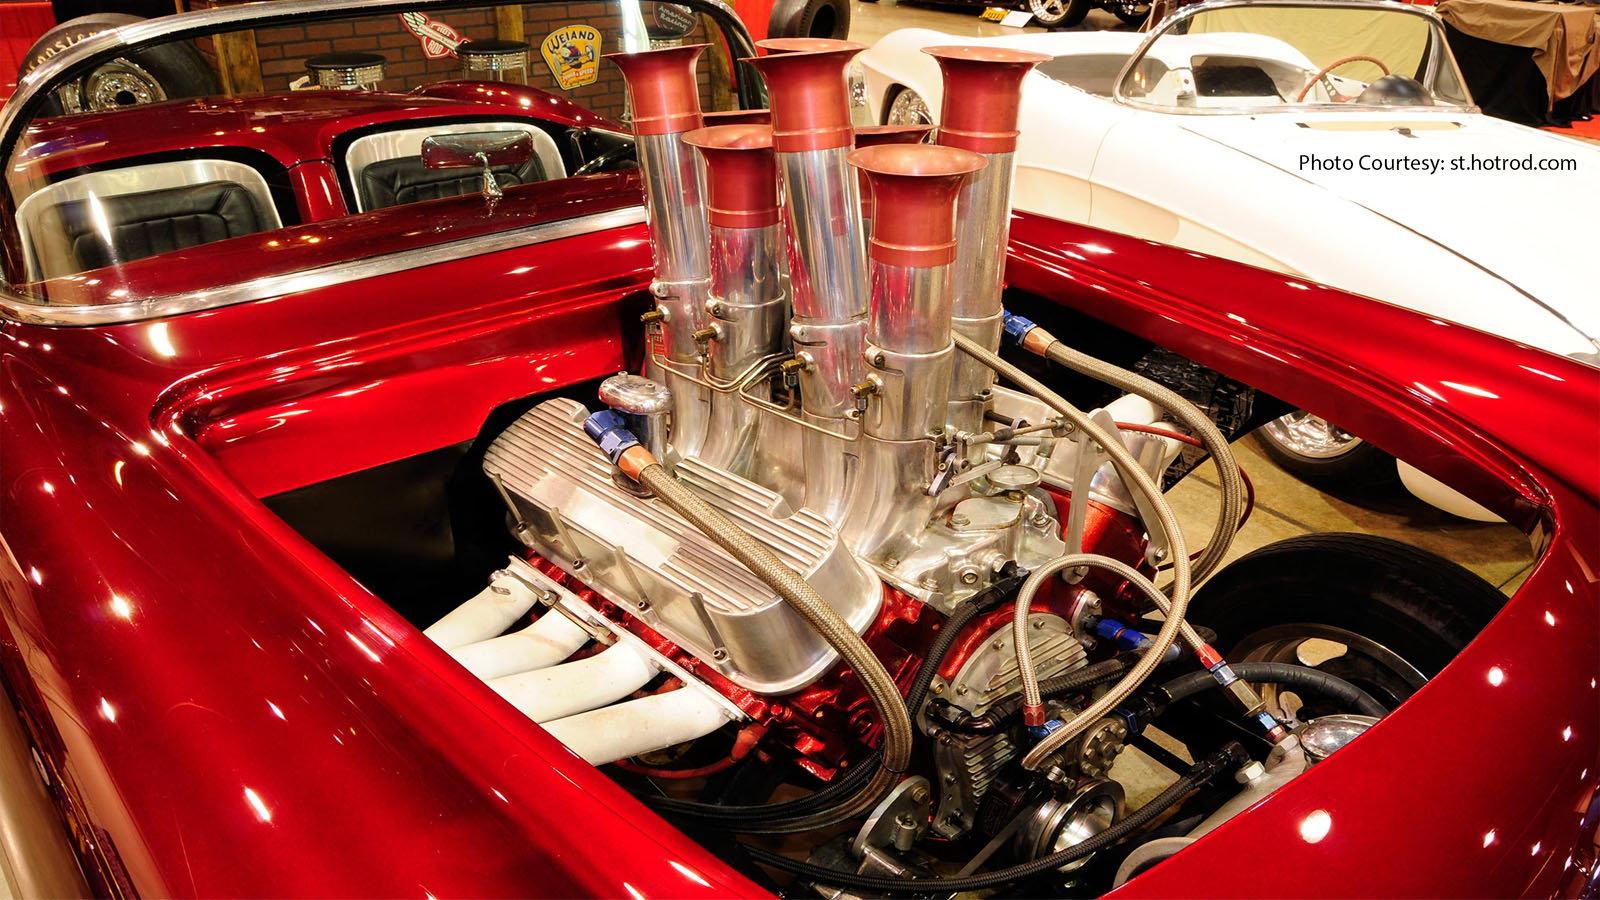 The Heart of the Corvette